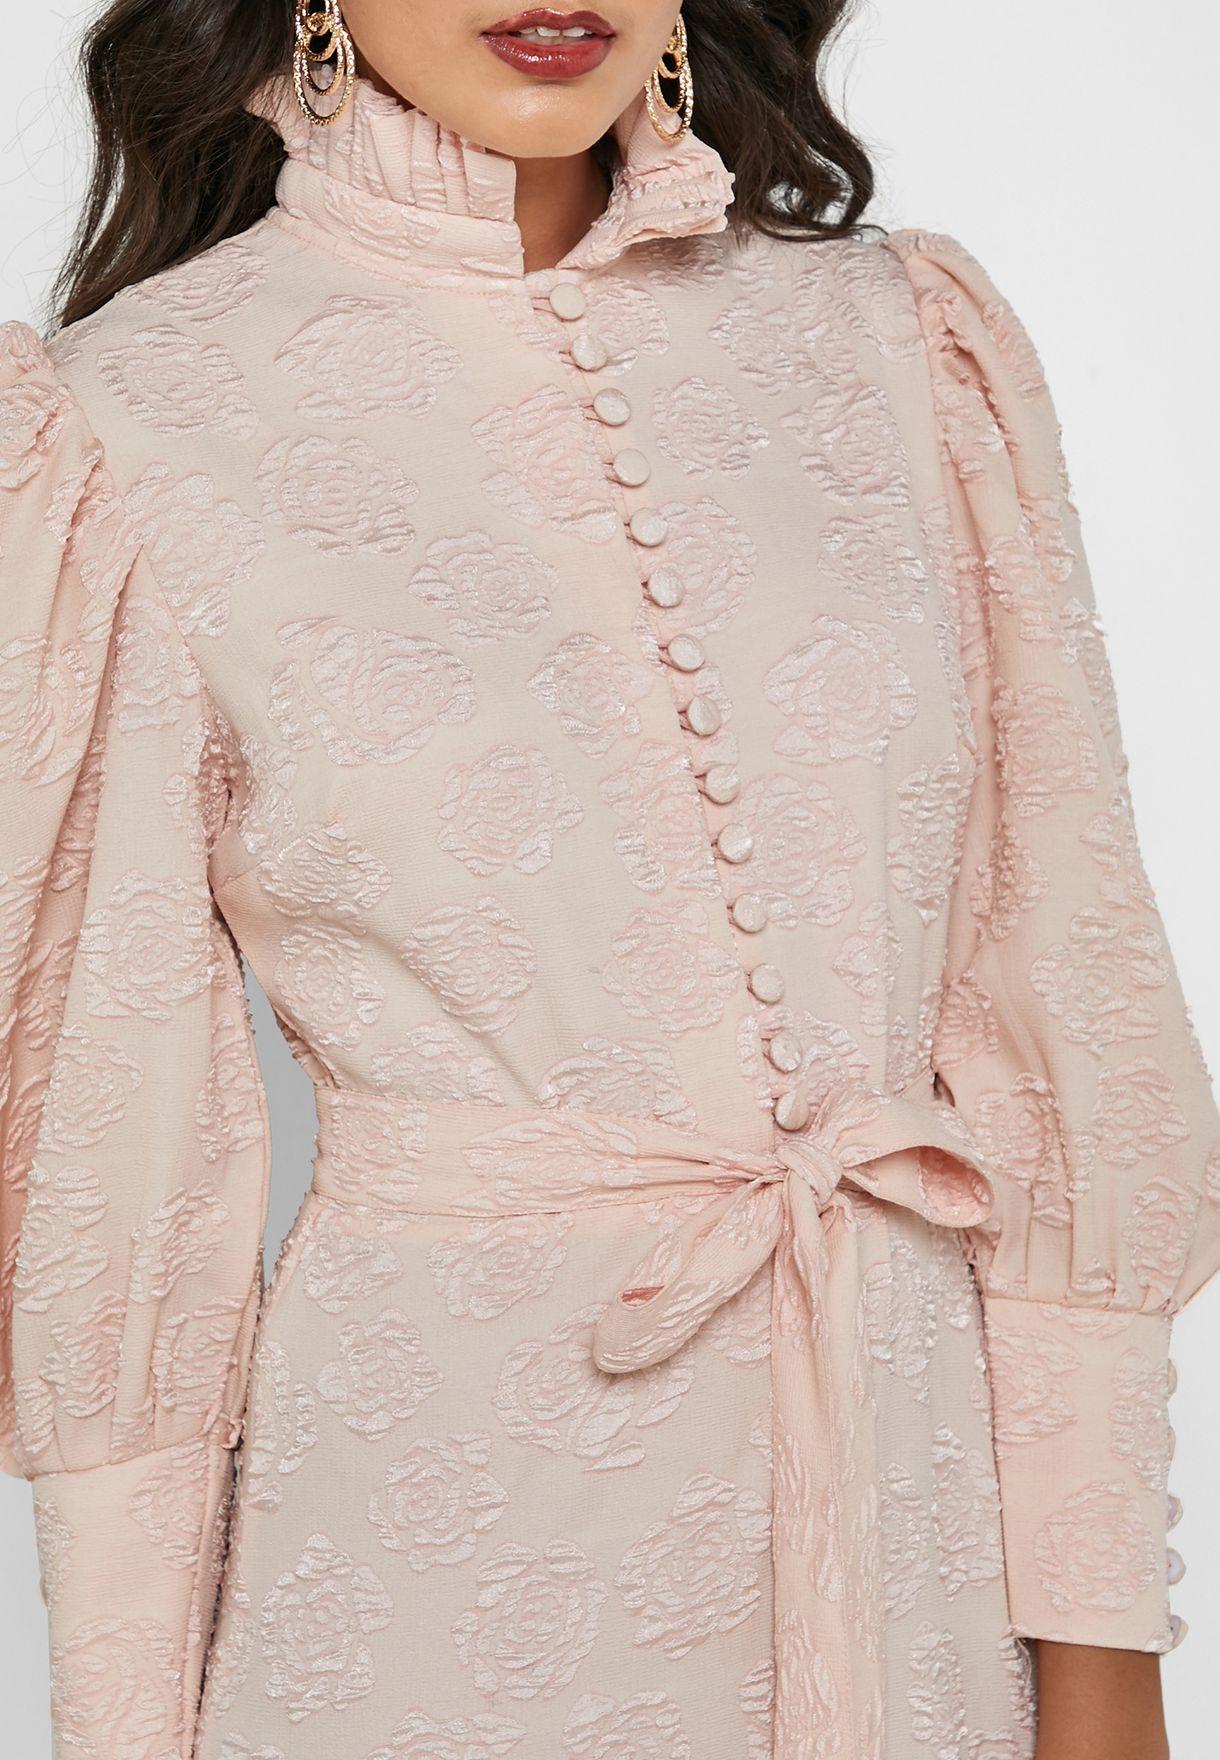 فستان بحواف بيبلوم متباينة في الطول